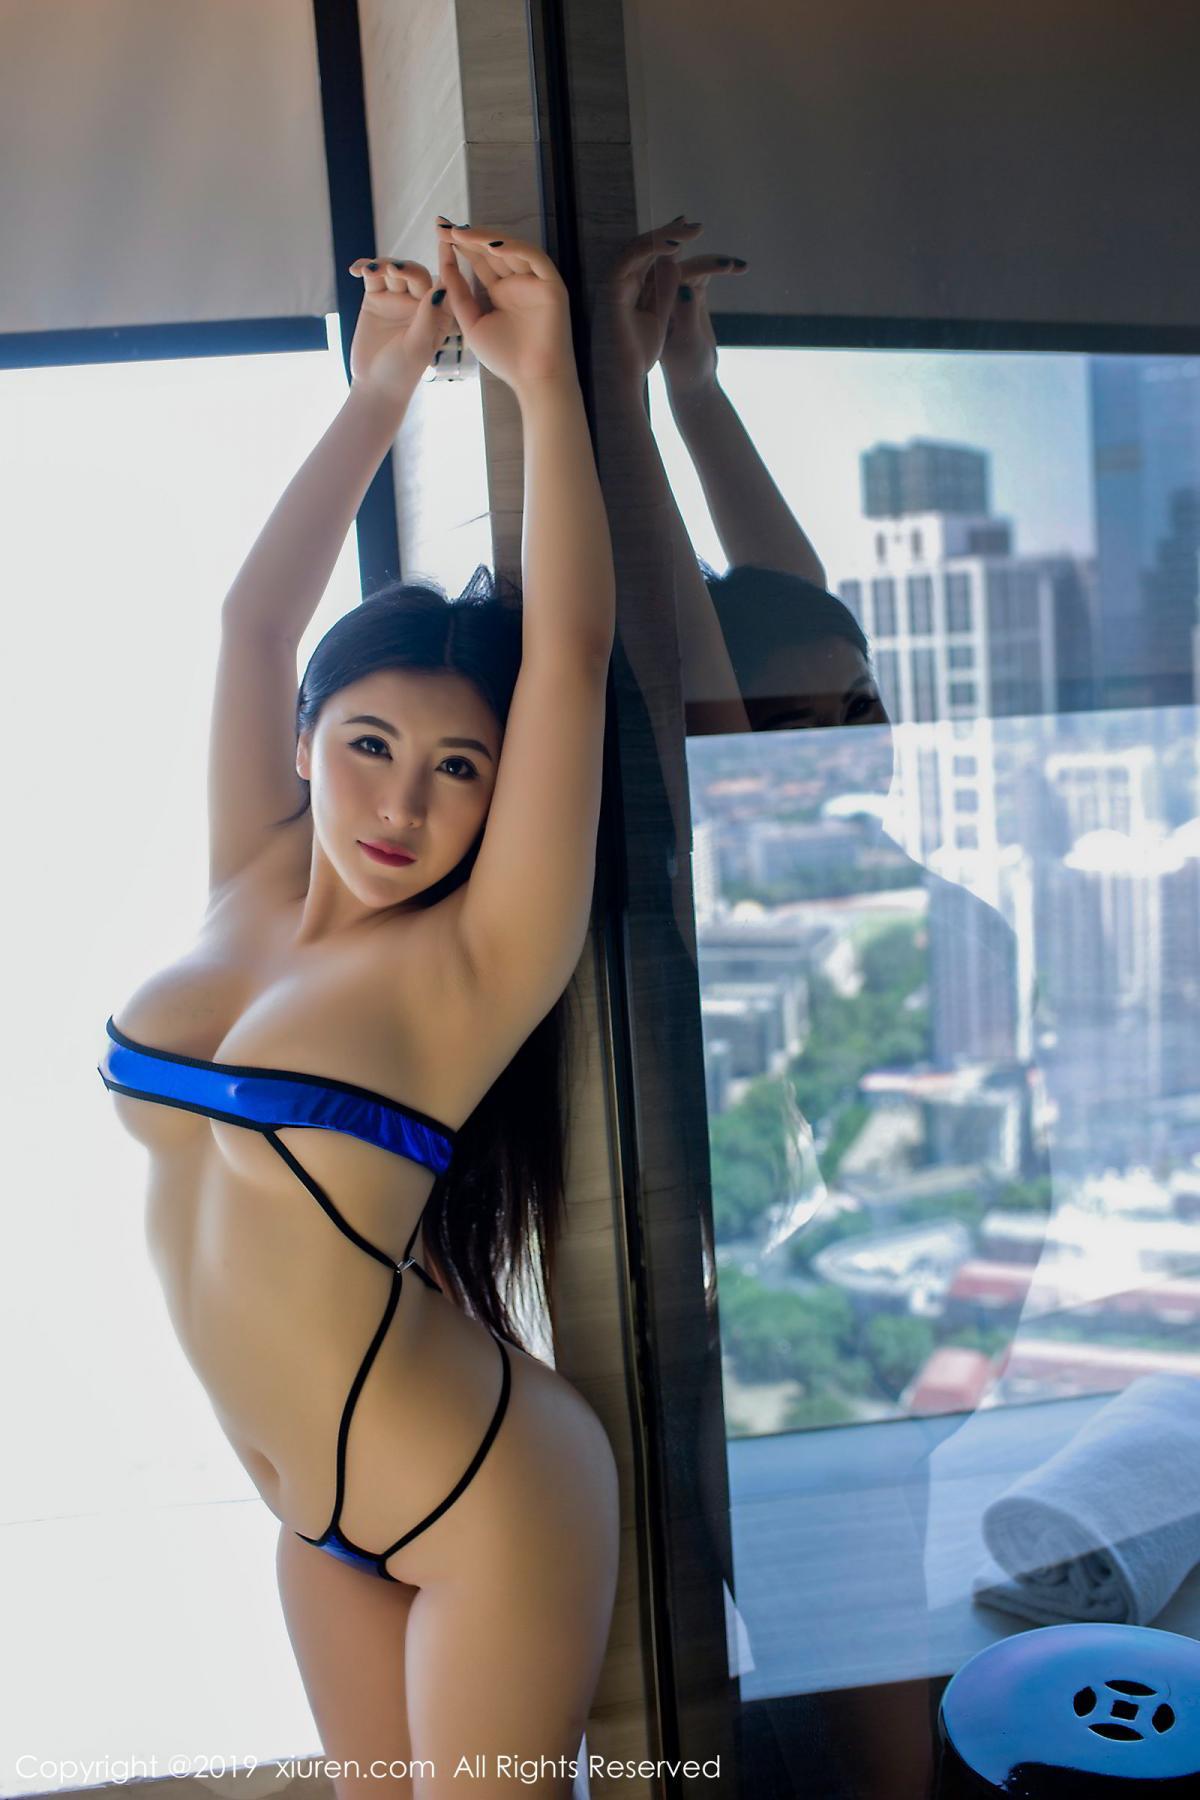 [XiuRen] Vol.1588 Yi Ruo 19P, Bikini, Xiuren, Yi Ruo